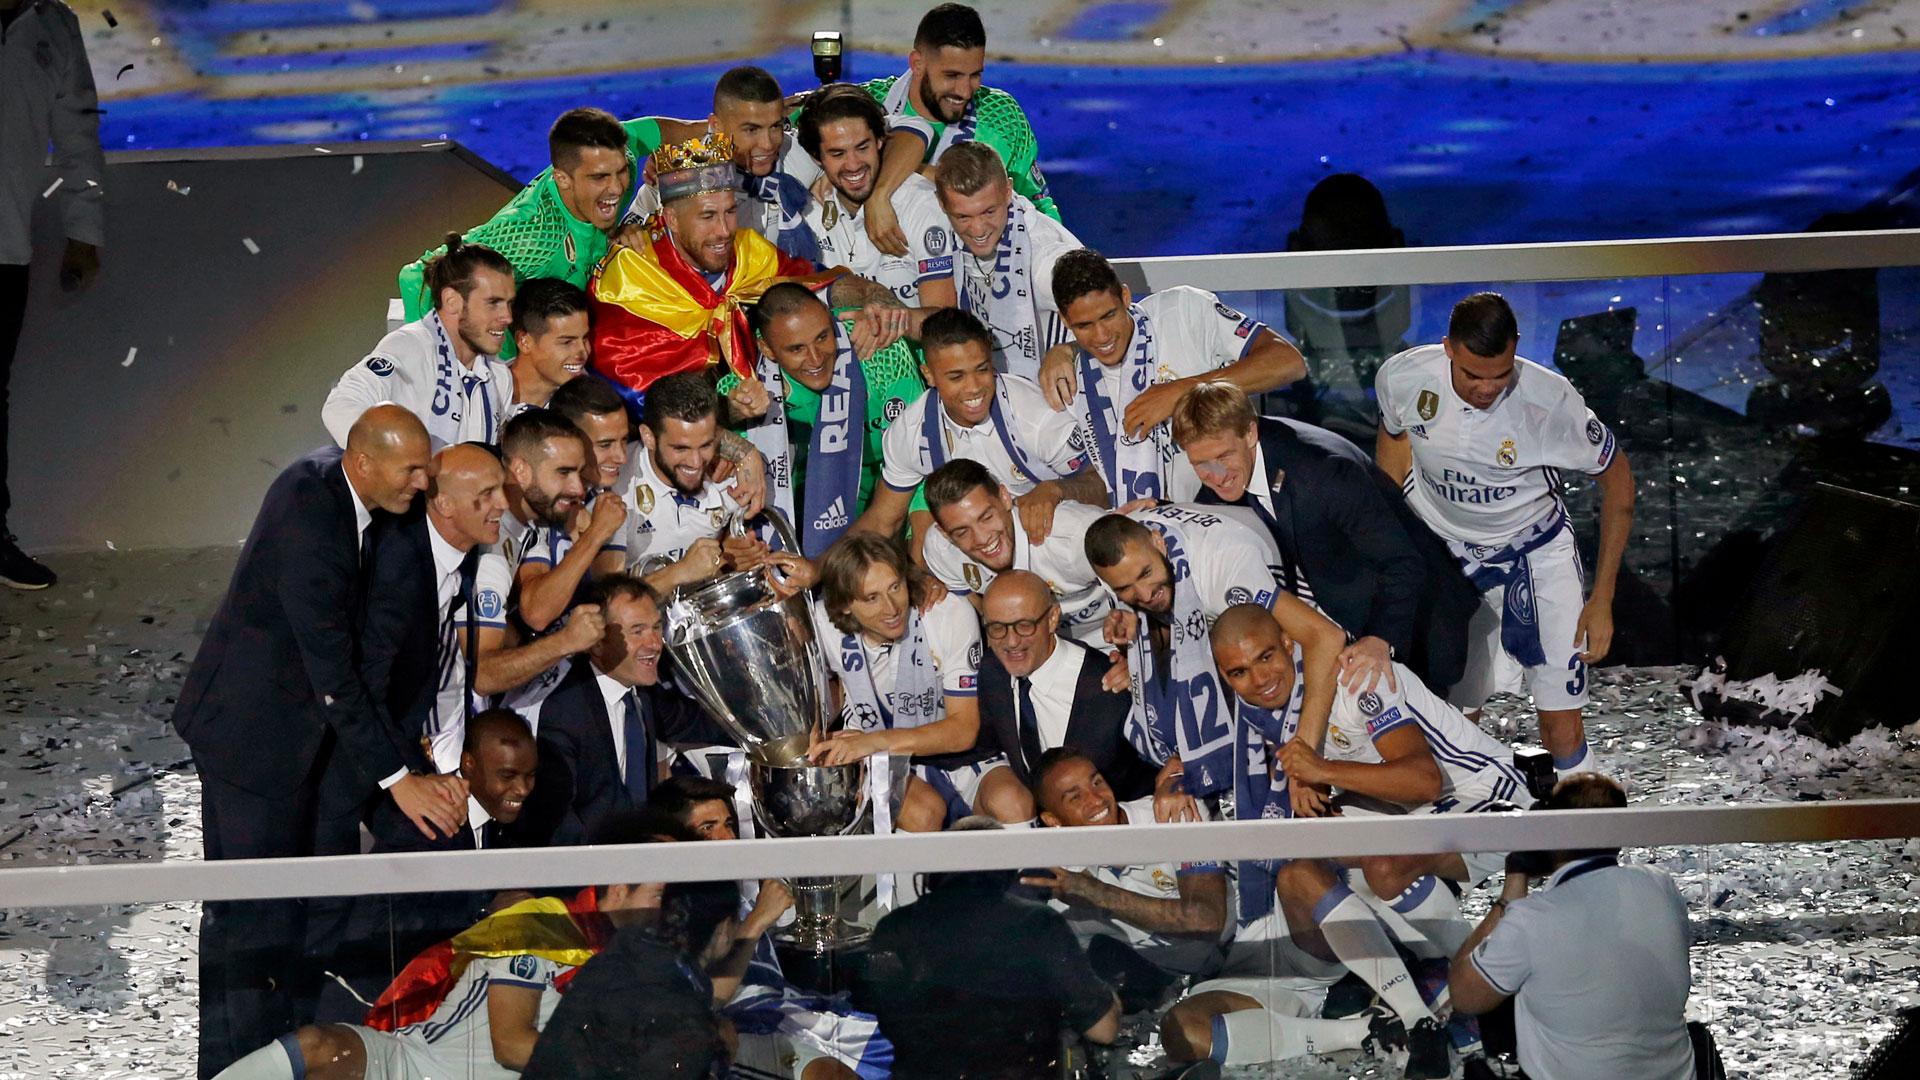 El equipo español marcó 36 tanto en el certamen, el equipo más goleaor del torneo